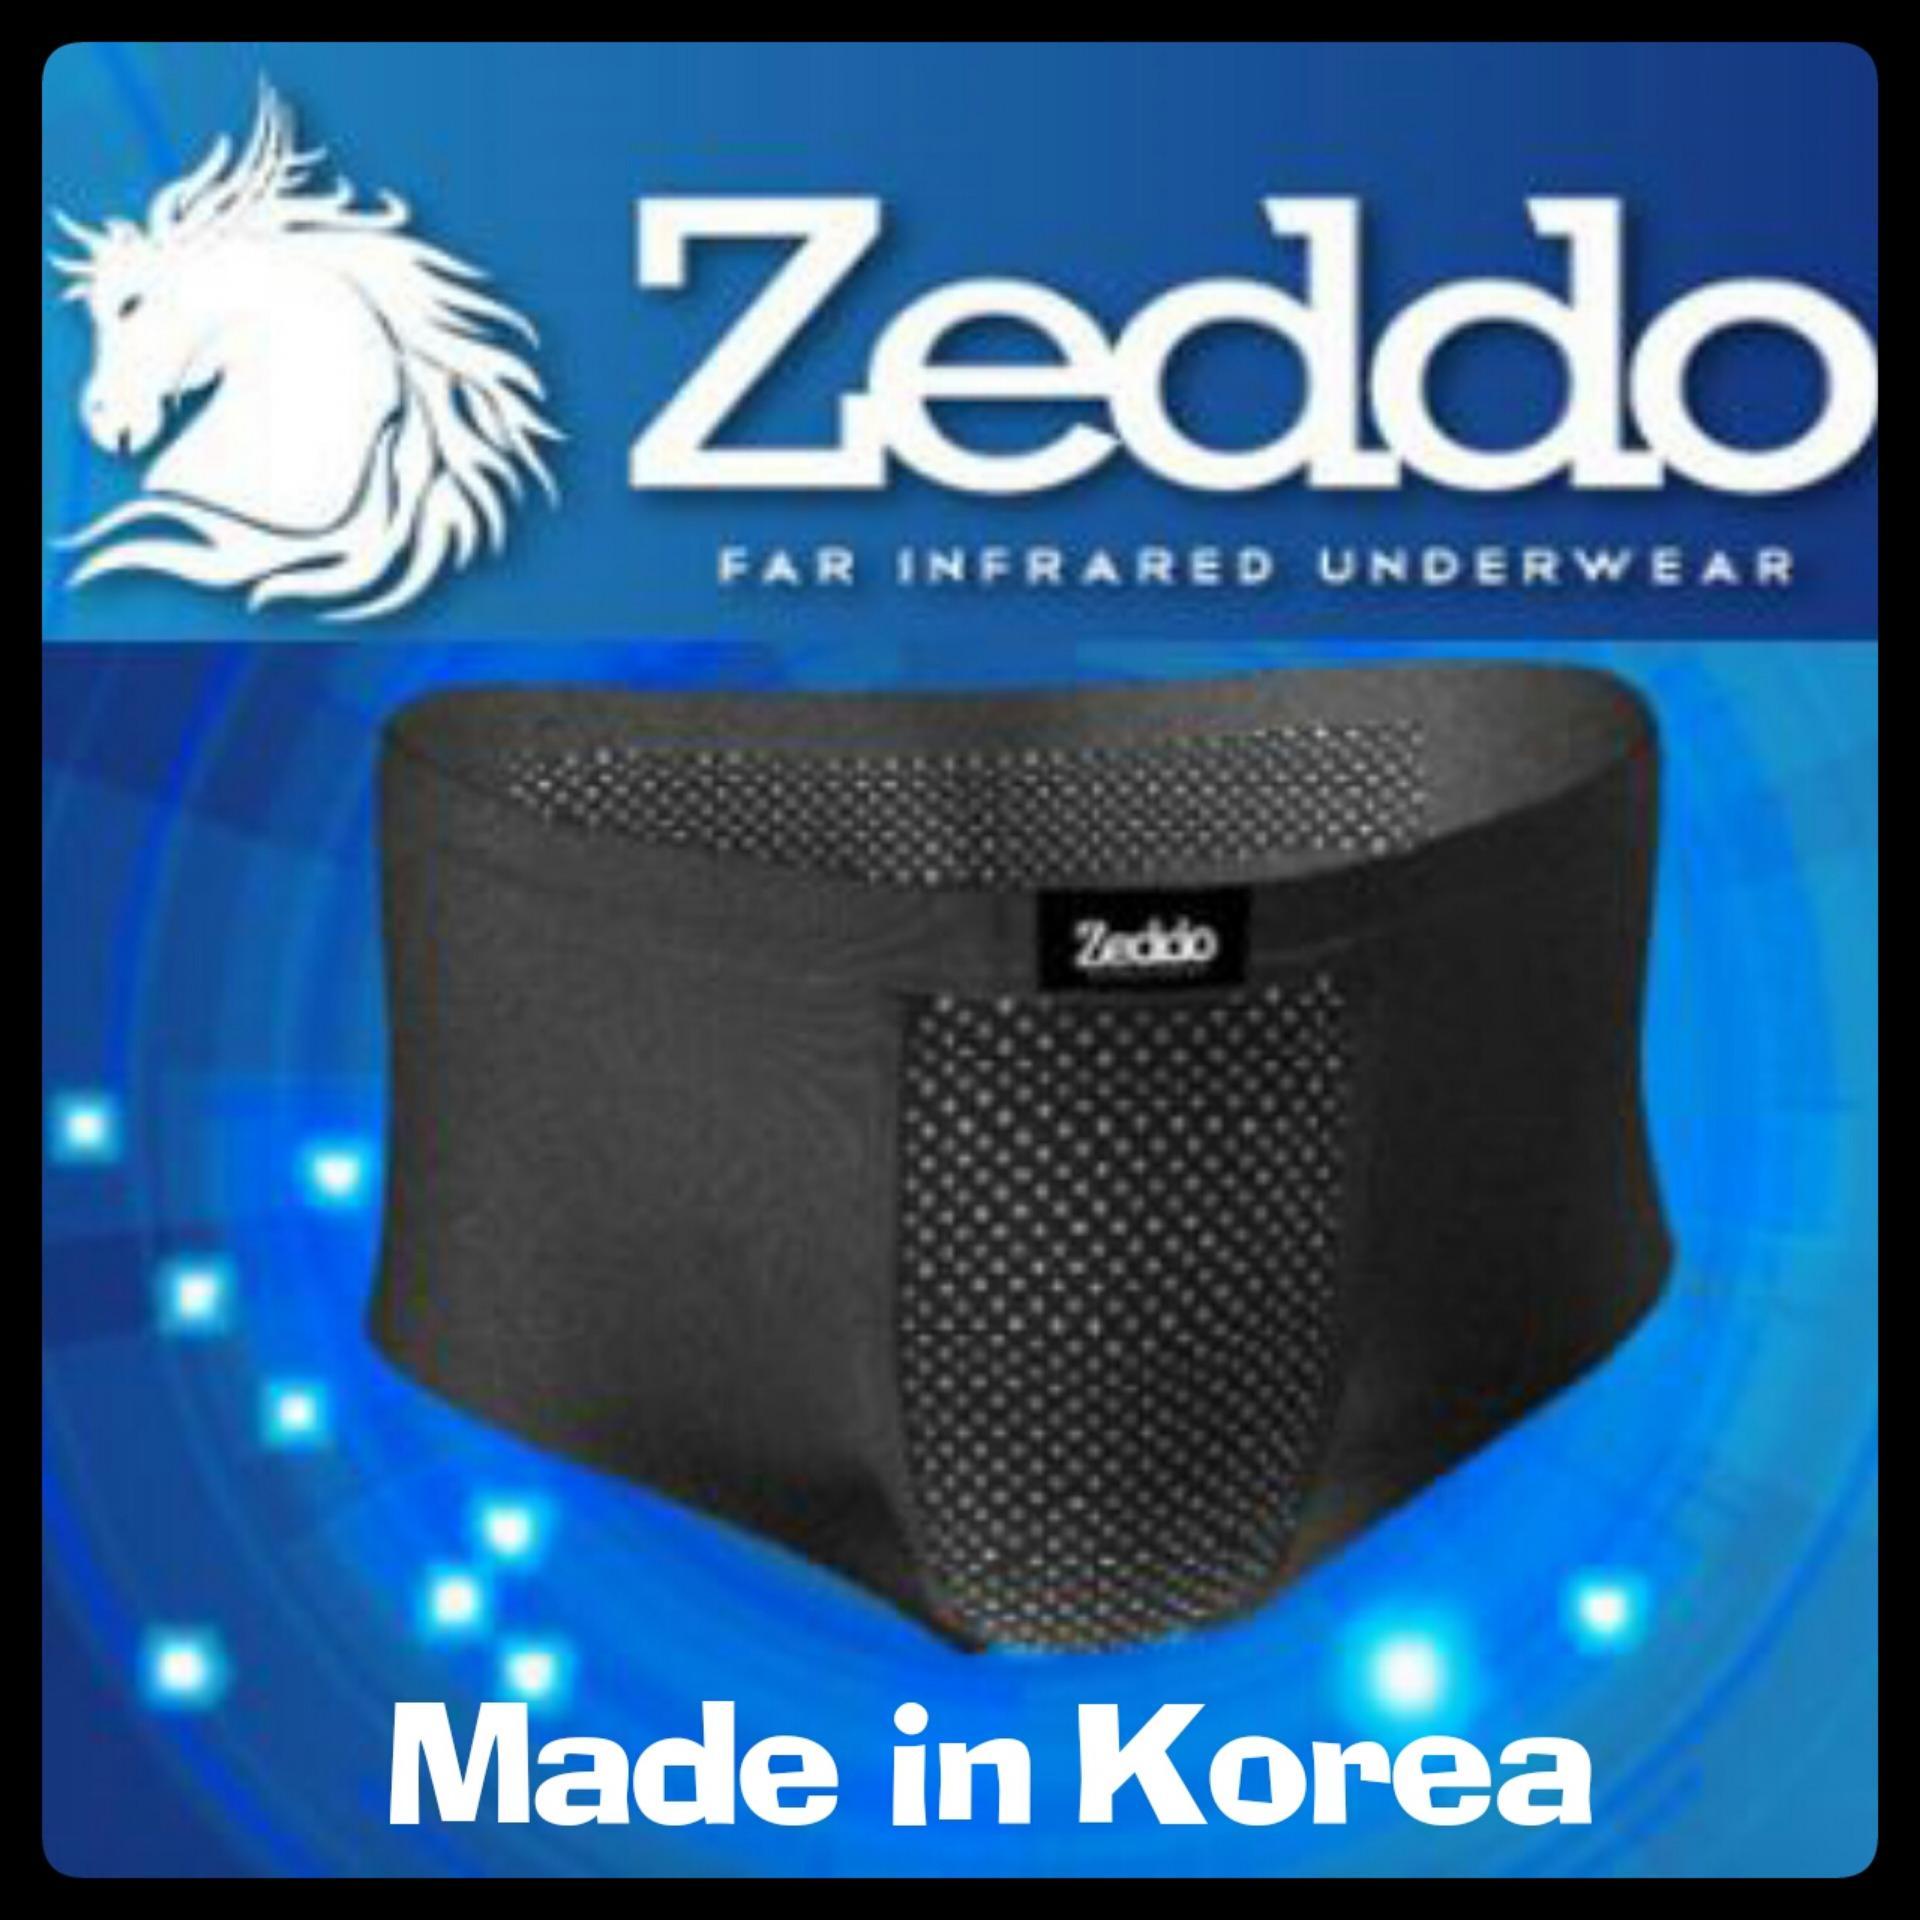 Toko Zeddo Far Infrared Underwear Pakaian Dalam Terapi Kesehatan Pria Isi 3 Pcs Lengkap Di Jawa Barat